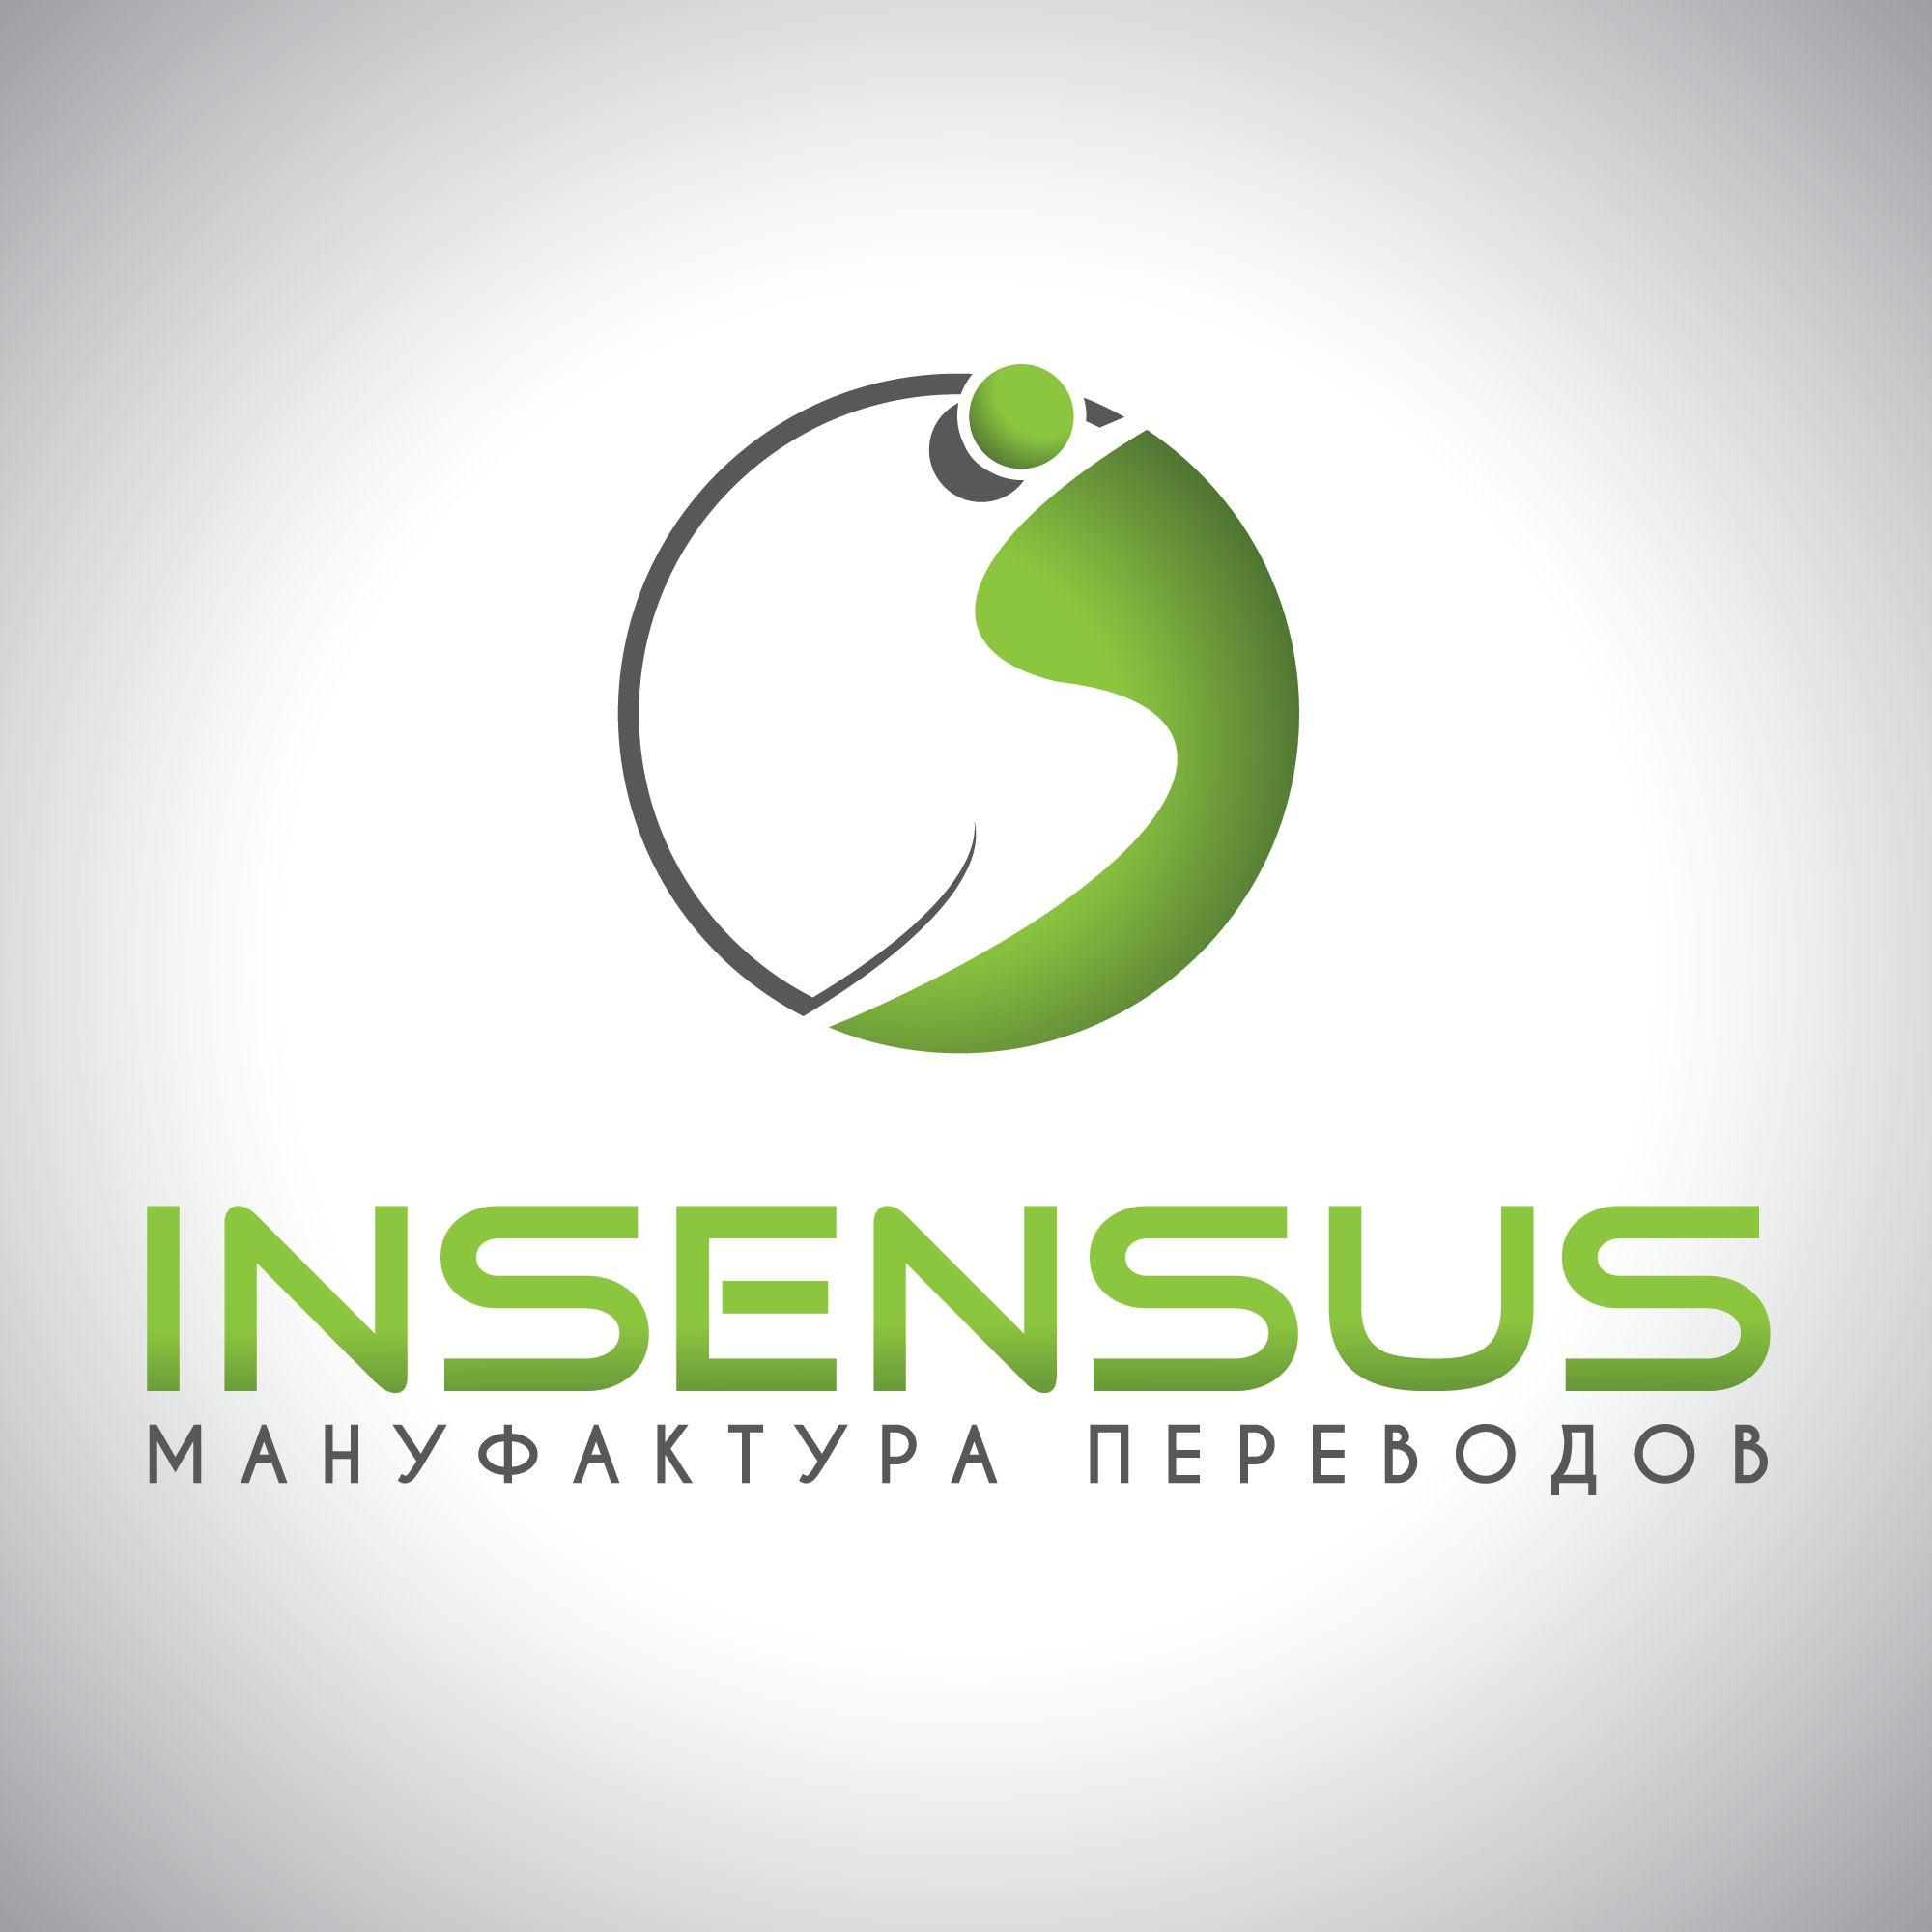 Лого и ФС для переводческой компании - дизайнер Gregorydesign